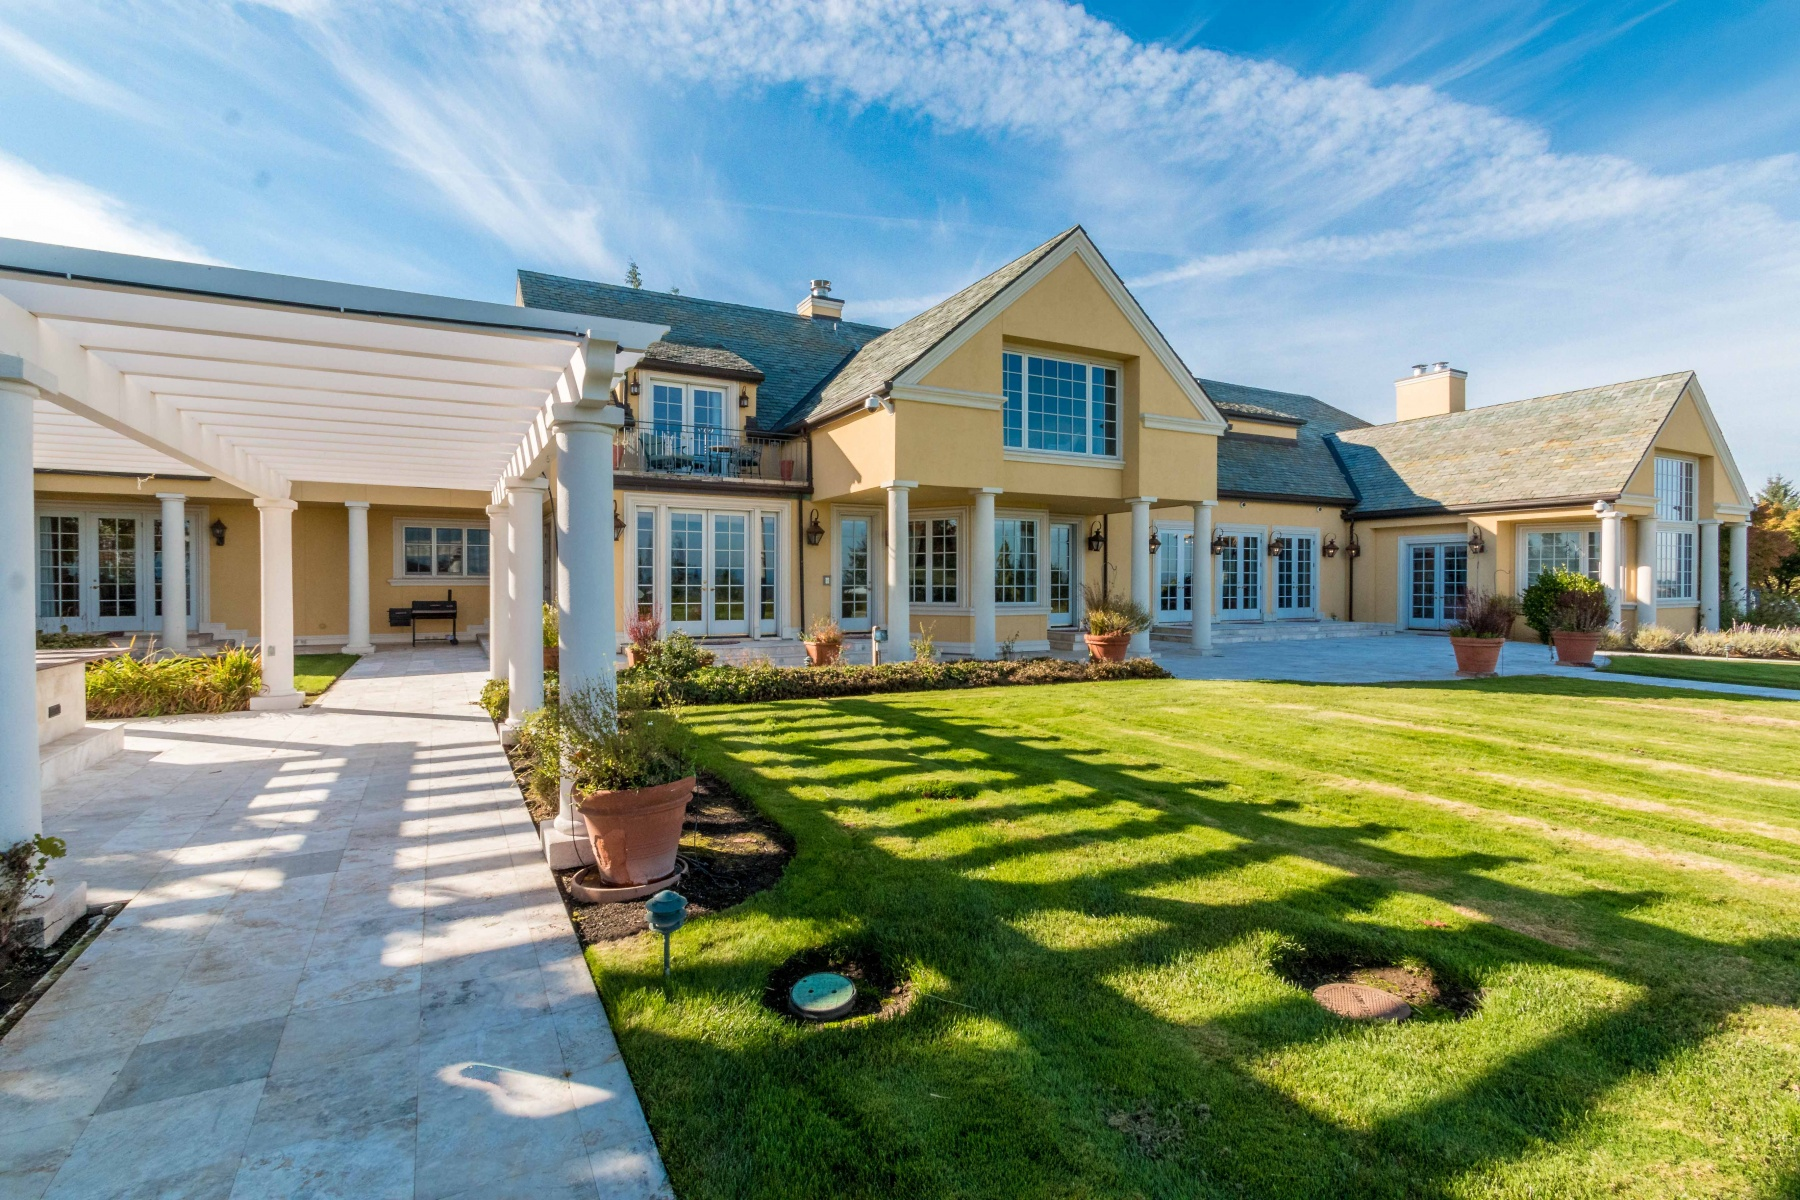 Einfamilienhaus für Verkauf beim 1707 SW SCHAEFFER RD, WEST LINN West Linn, Oregon, 97068 Vereinigte Staaten